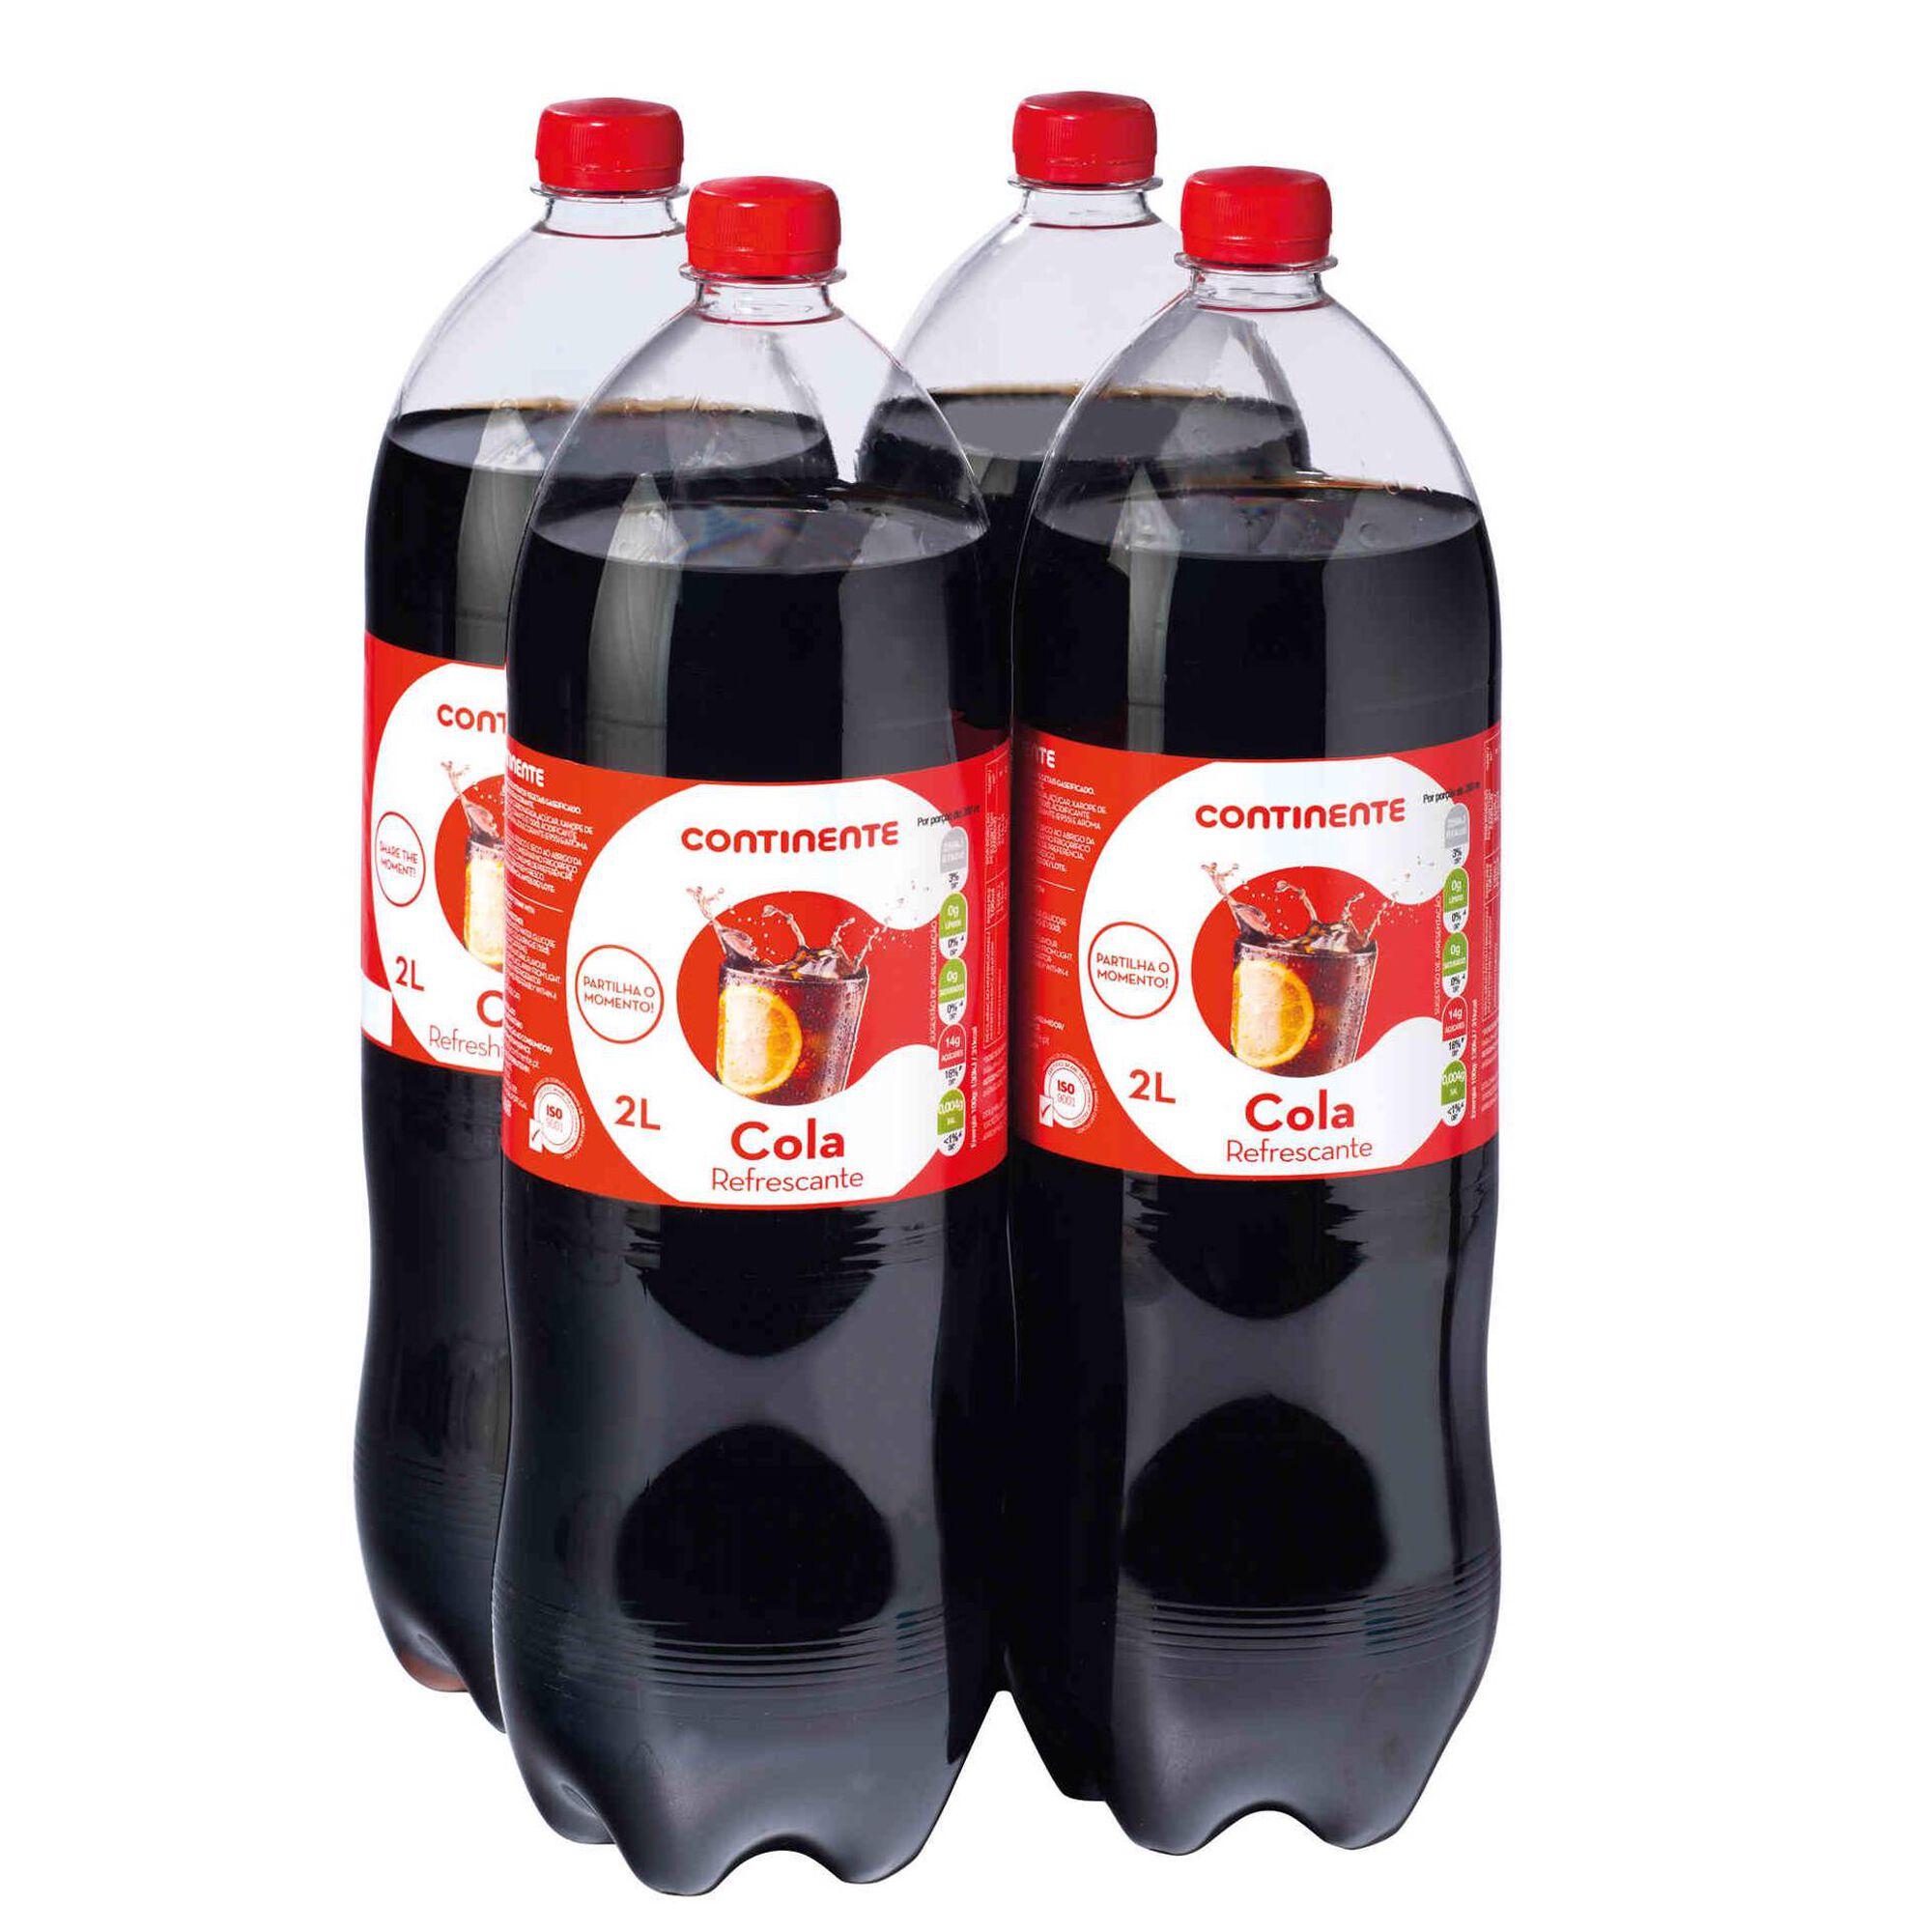 Refrigerante com Gás Cola